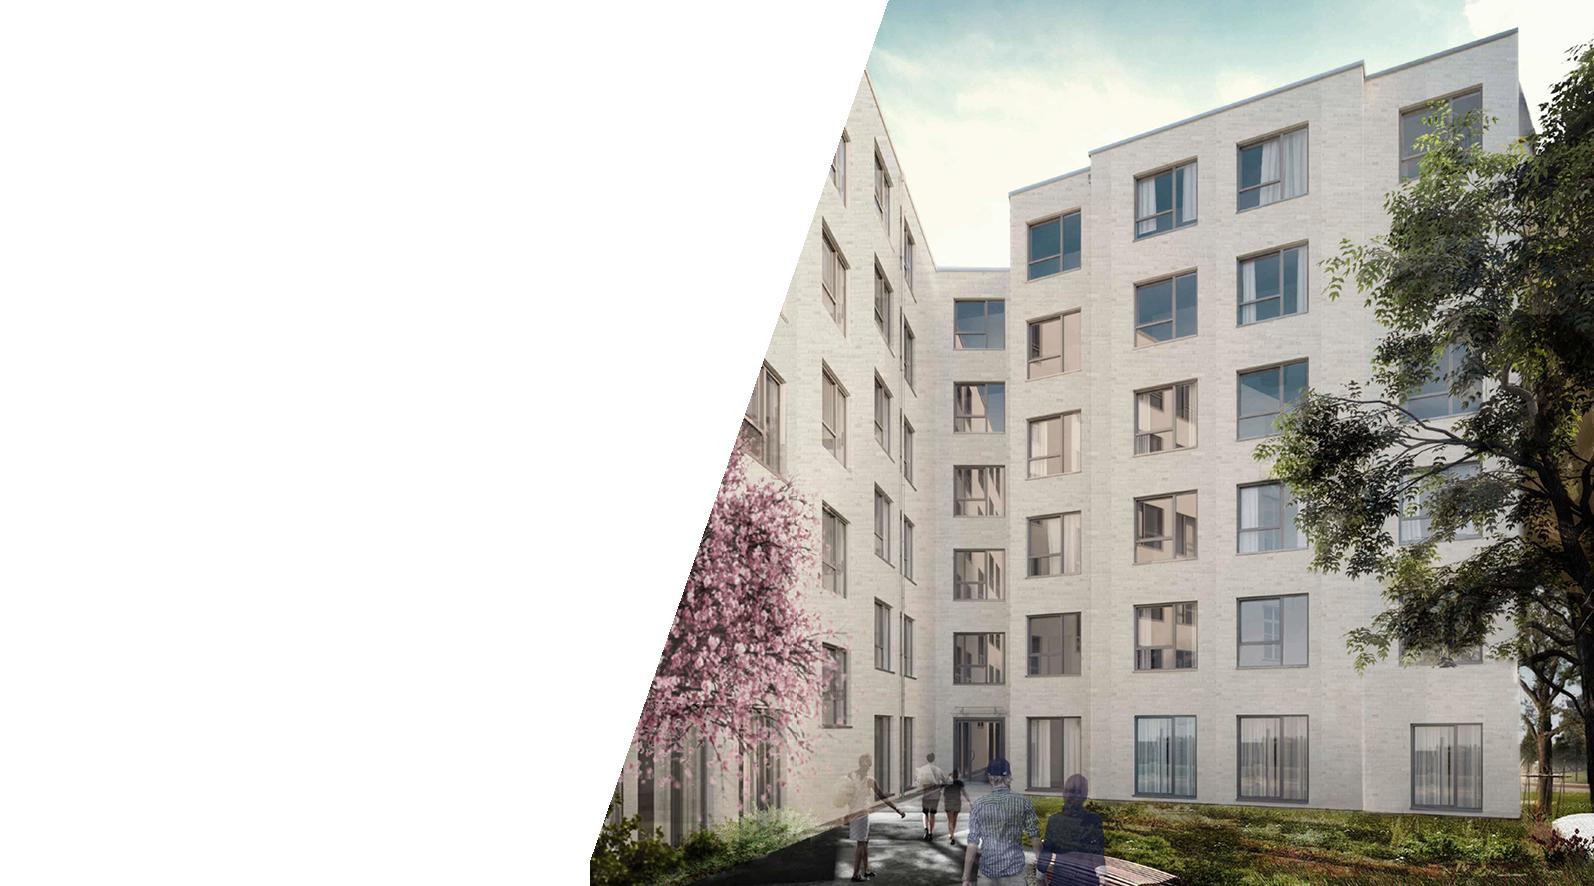 Unsere Übersicht der besten Architekten in Ulm. Inklusive Insiderwissen, Erfahrungsberichte und Kontaktdaten.